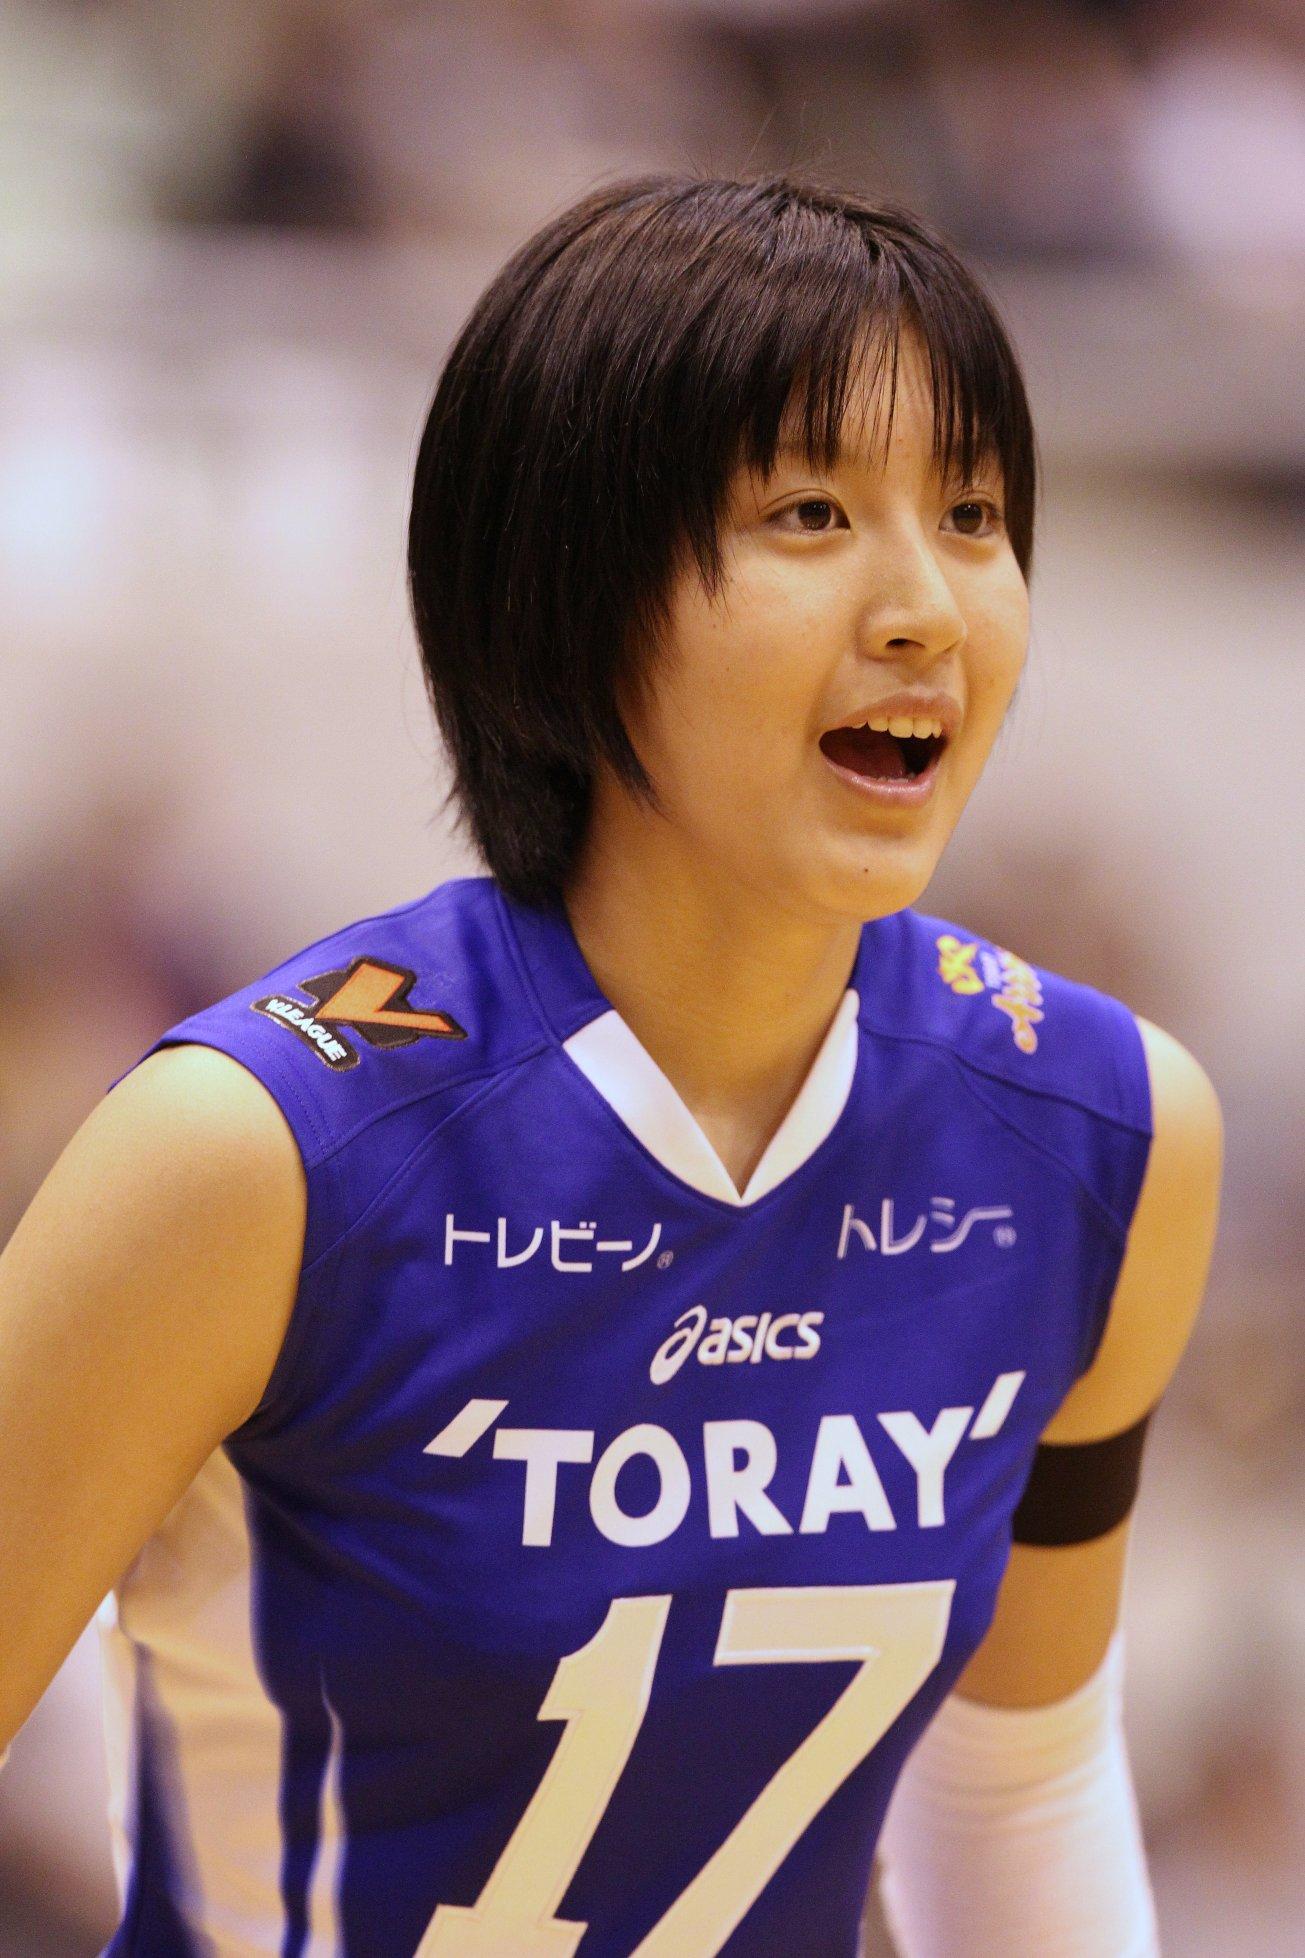 女子バレー選手のかわいい人気ランキングtop20【美女多数】 | aikru